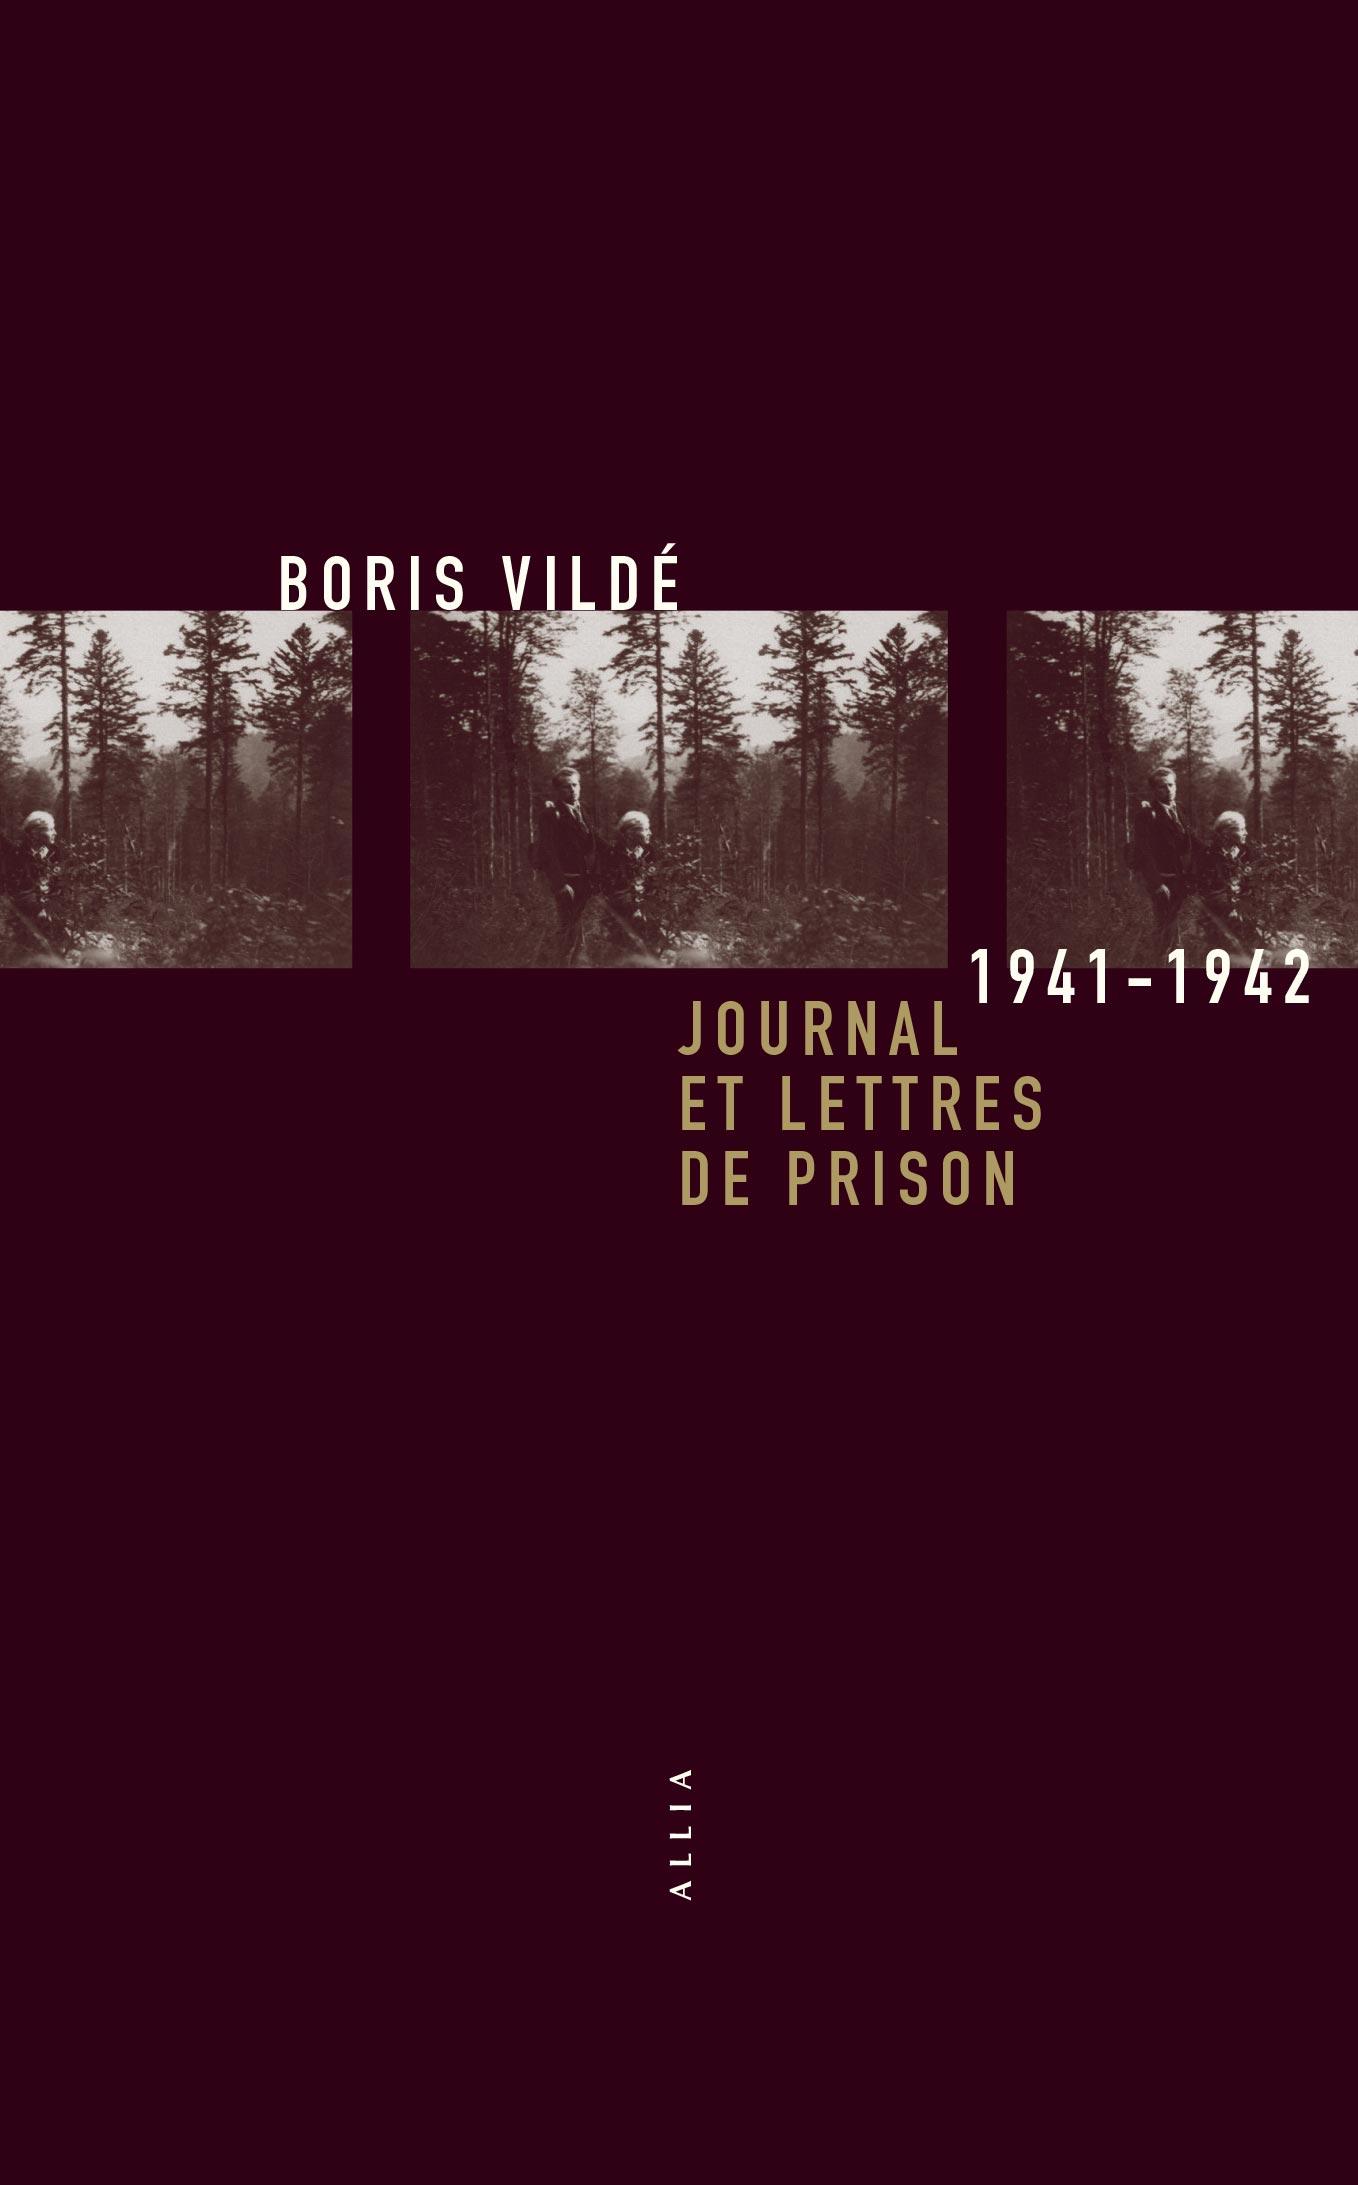 B. Vildé, Journal et lettres de prison